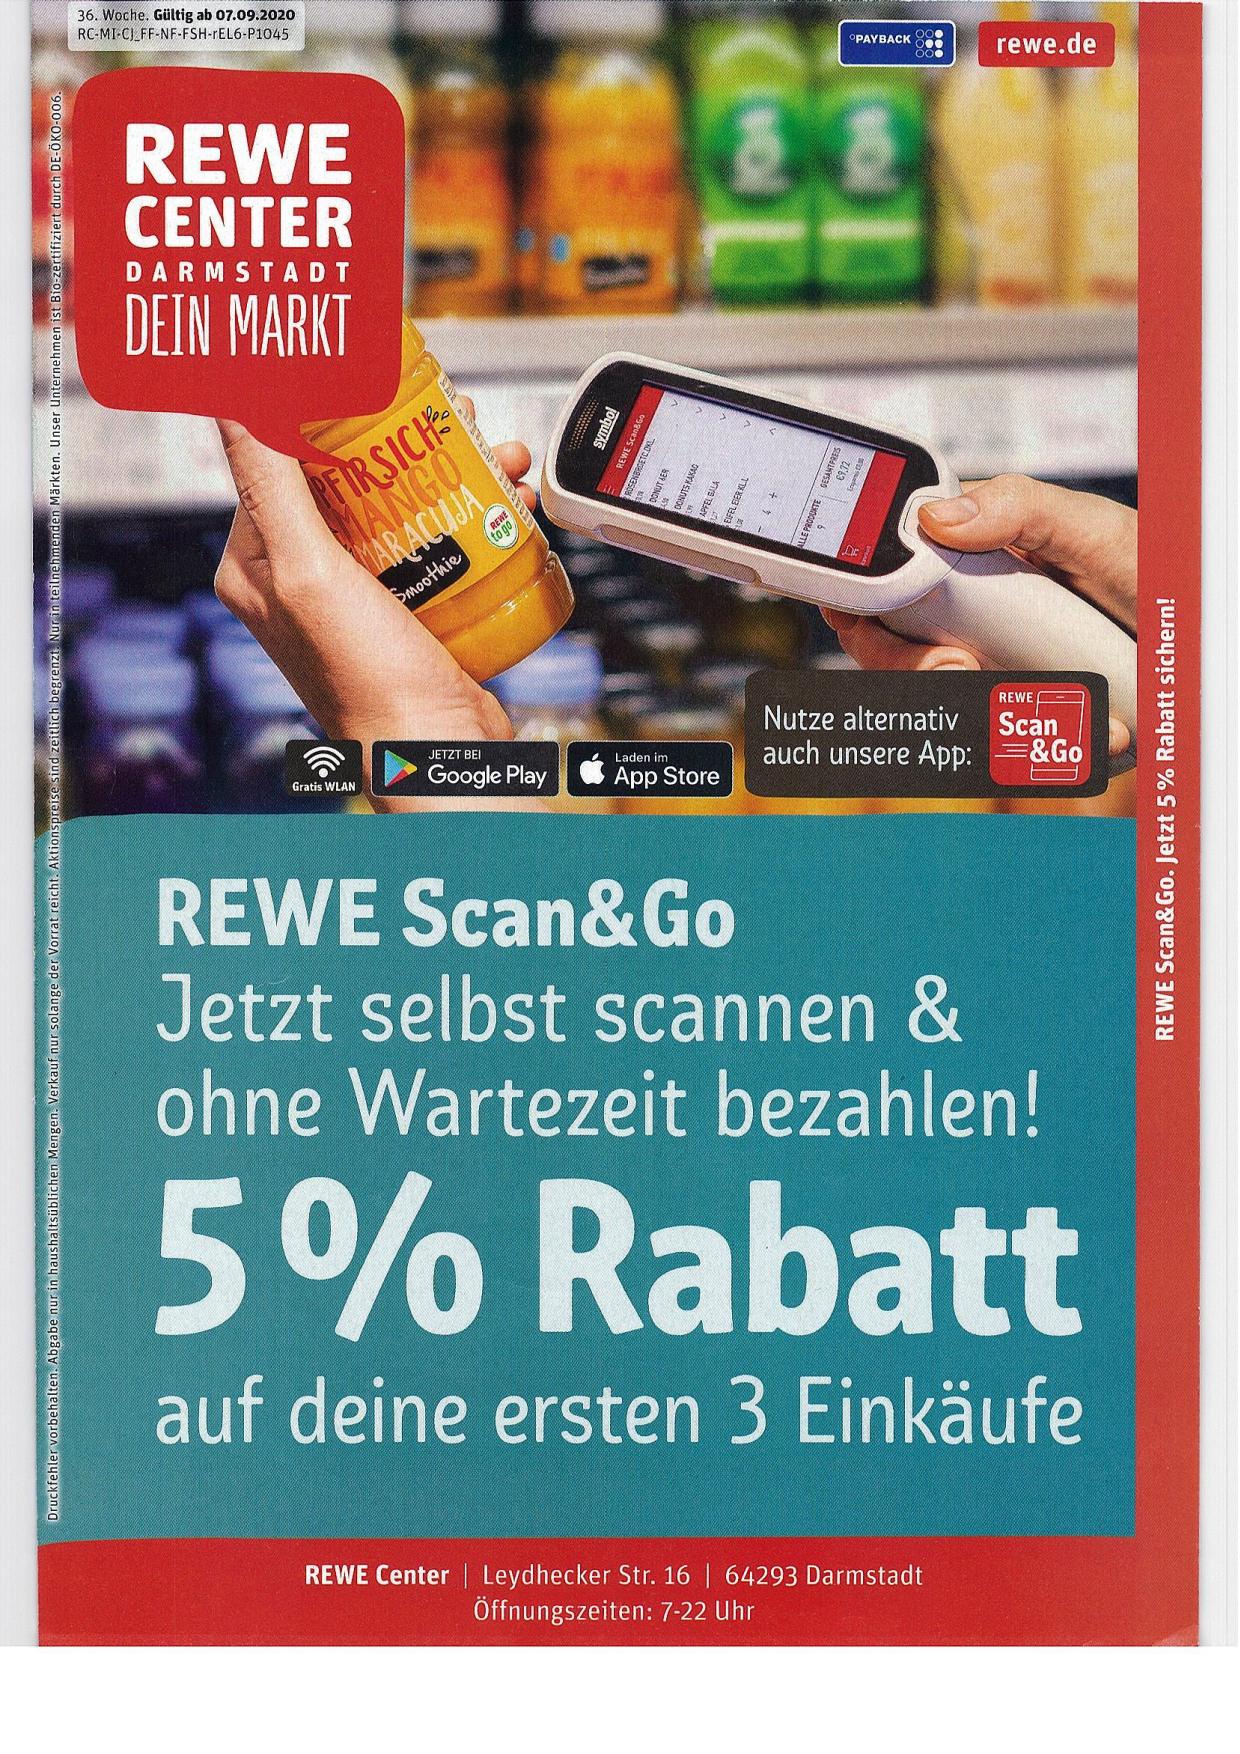 [lokal] Rewe Center Darmstadt / Köln: 5% Rabatt mit REWE Scan&Go (Payback vorausgesetzt)